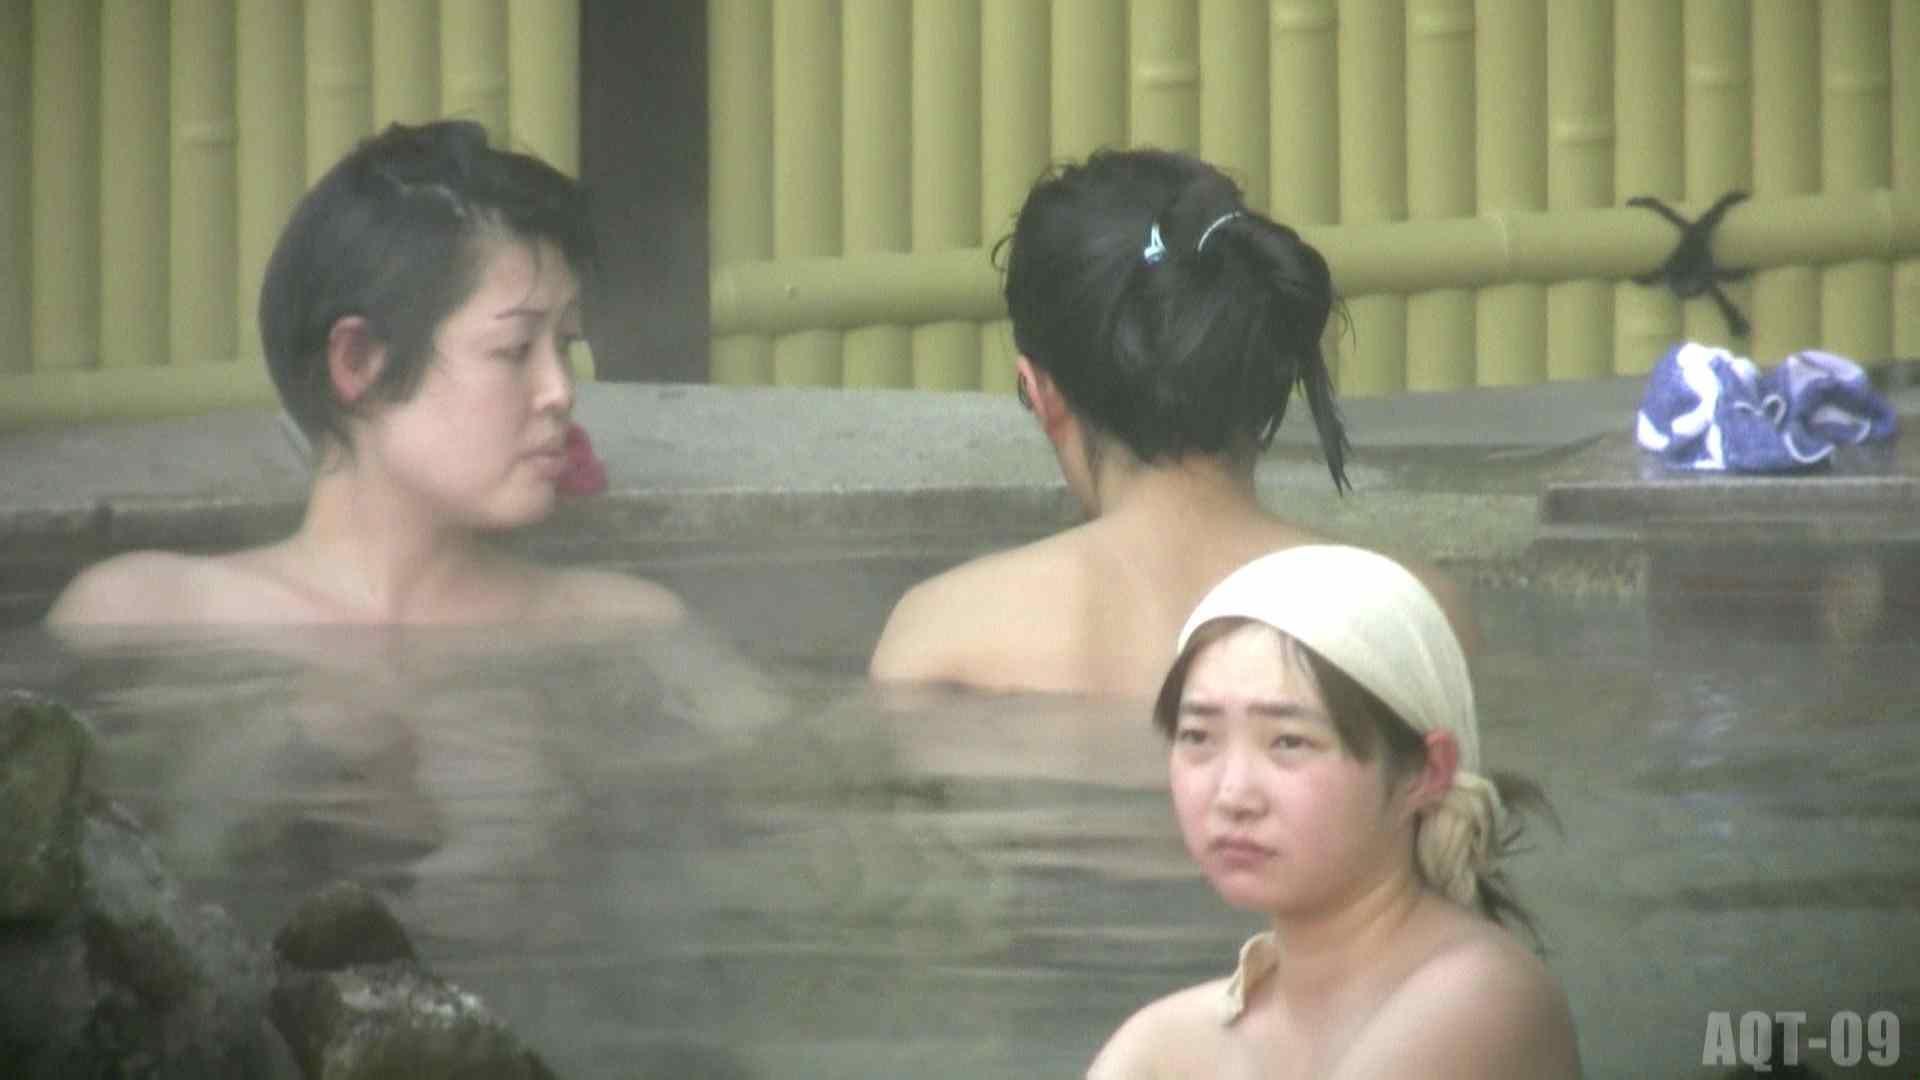 Aquaな露天風呂Vol.781 盗撮  110画像 15